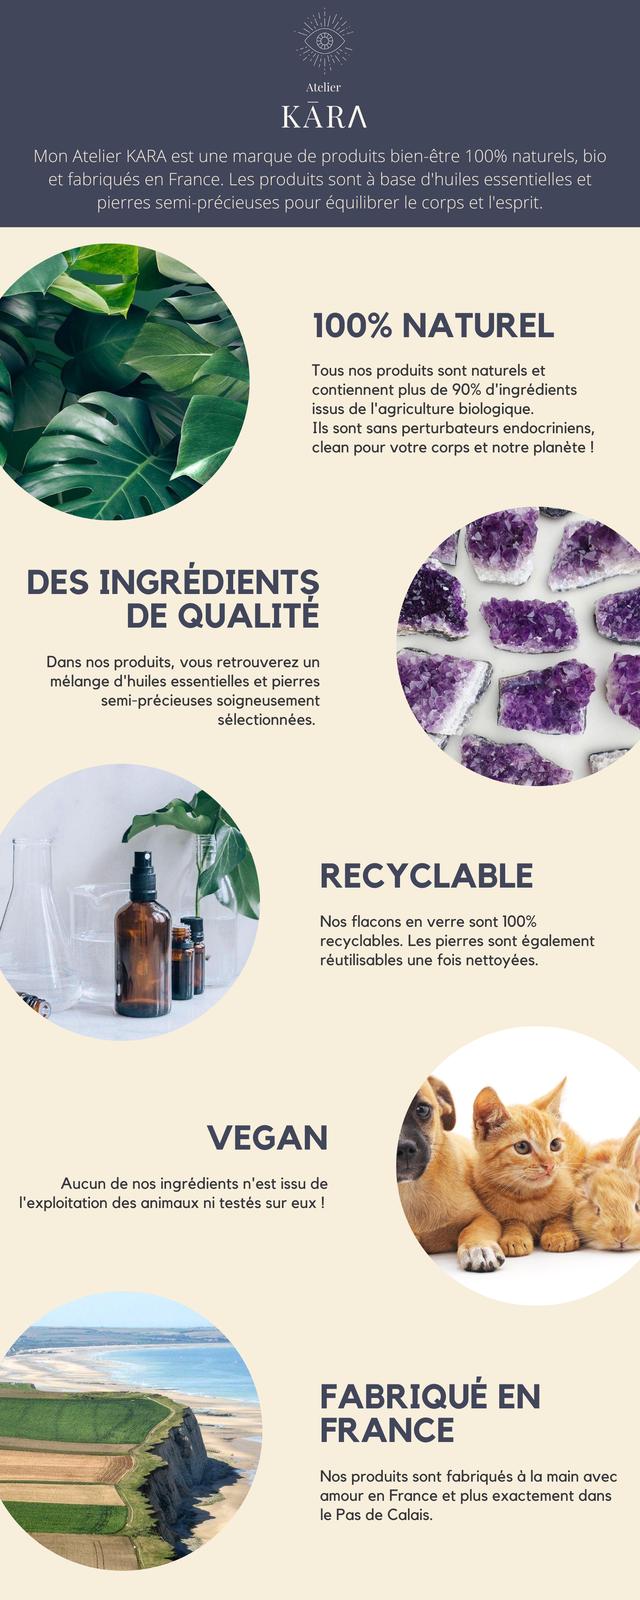 Atelier KARA Mon Atelier KARA est une marque de produits bien-etre 100% naturels, bio et fabriques en France. es produits sont a base d'huiles essentielles et pierres semi -precieuses pour equilibrer le corps et I'esprit. 100% NATUREL Tous nos produits sont naturels et contiennent plus de 90% d'ingredients issus de I'agriculture biologique. Ils sont sans perturbateurs endocriniens, clean pour votre corps et notre planete DES INGREDIENTS DE QUALITE Dans nos produits, vous retrouverez un melange d'huiles essentielles et pierres semi-precieuses soigneusement selectionnees. RECYCLABLE Nos flacons en verre sont 100% recyclables Les pierres sont egalement reutilisables une fois nettoyees. VEGAN Aucun de nos ingredients n'est issu de I'exploitation des animaux ni testes sur eux FABRIQUE EN FRANCE Nos produits sont fabriques a la main avec amour en France et plus exactement dans le Pas de Calais.